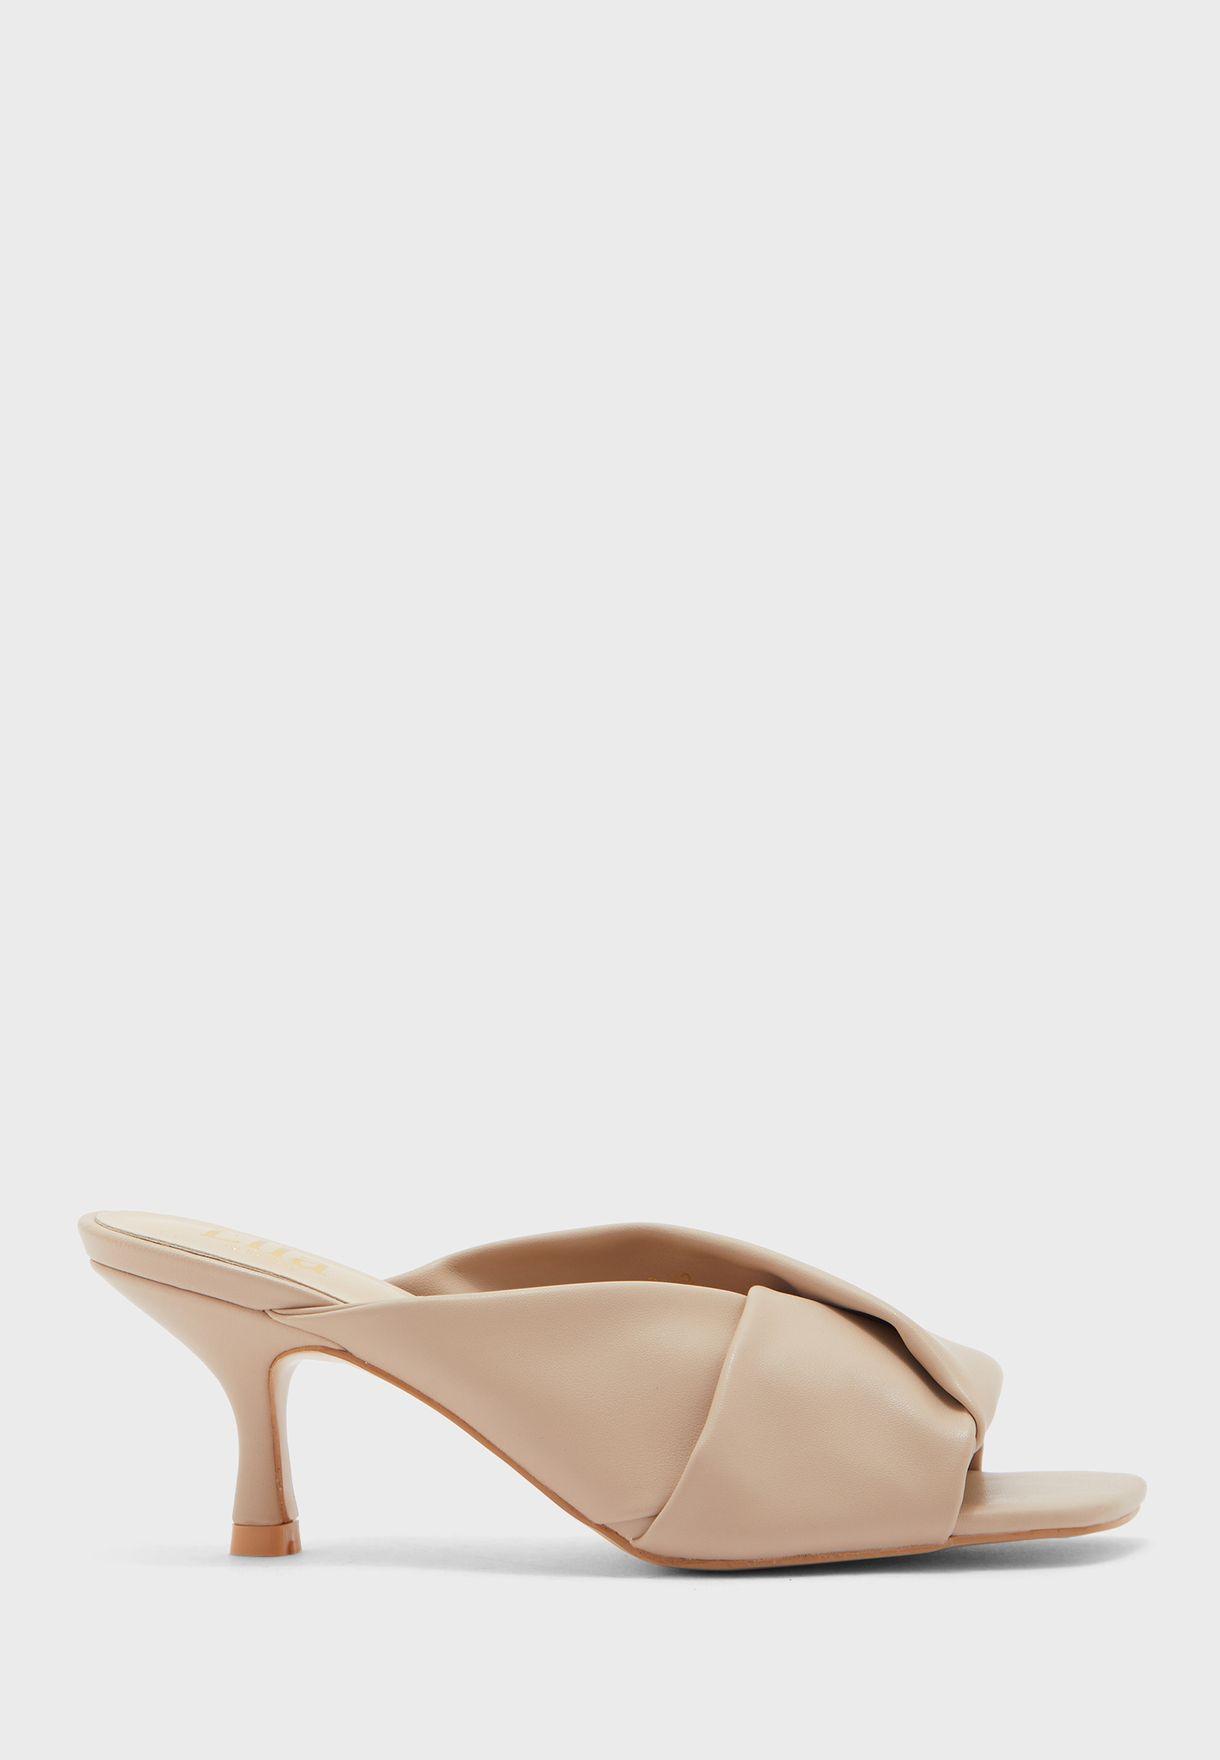 Square Toe Sandal